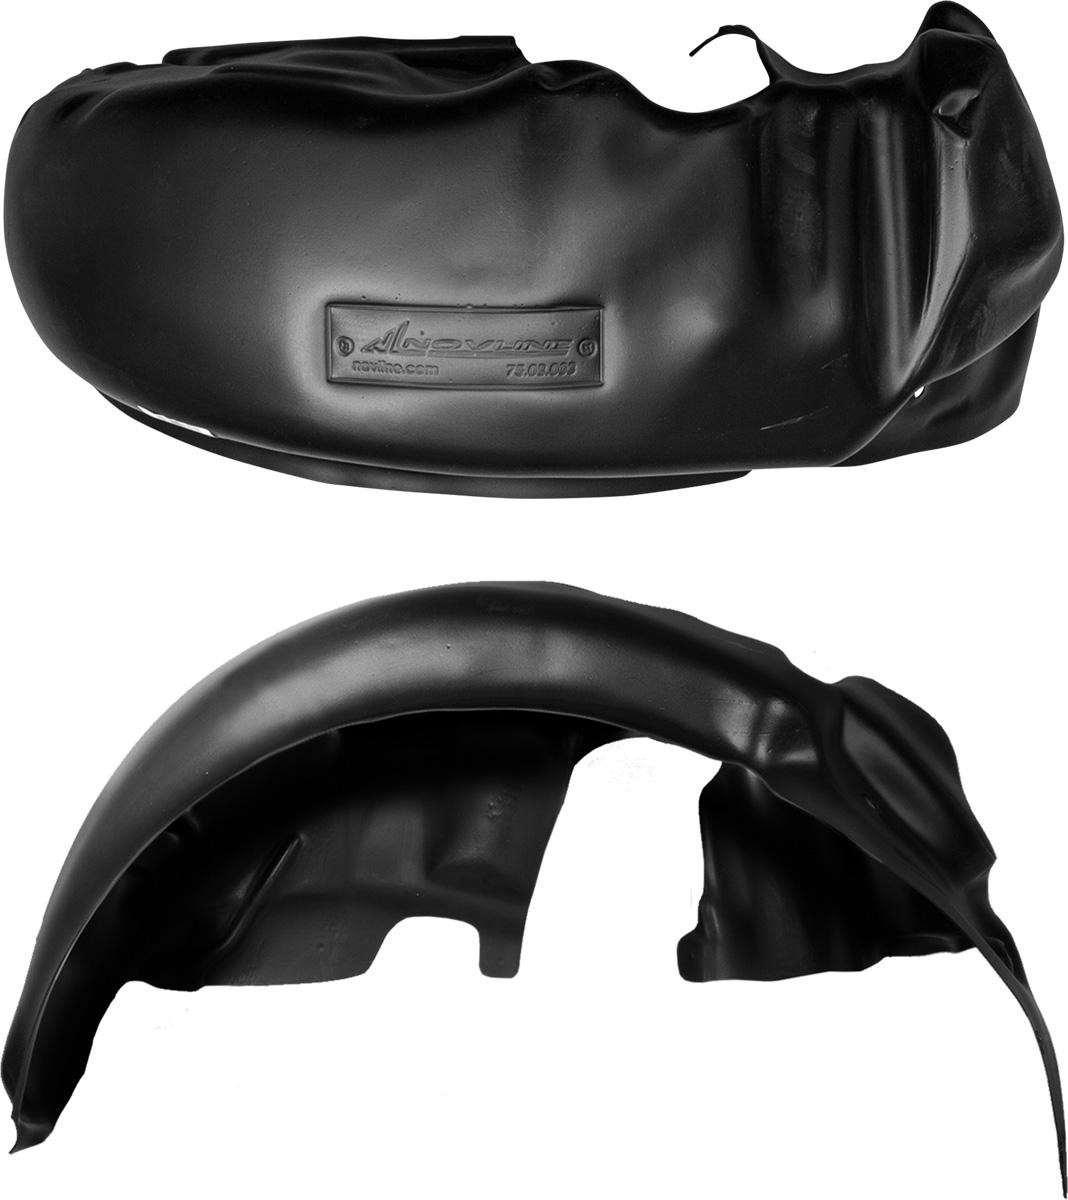 Подкрылок Novline-Autofamily, для Lada Vesta, 2015 ->, седан, без штатного войлока, задний левыйPM 6705Колесные ниши - одни из самых уязвимых зон днища вашего автомобиля. Они постоянно подвергаются воздействию со стороны дороги. Лучшая, почти абсолютная защита для них - специально отформованные пластиковые кожухи, которые называются подкрылками. Производятся они как для отечественных моделей автомобилей, так и для иномарок. Подкрылки Novline-Autofamily выполнены из высококачественного, экологически чистого пластика. Обеспечивают надежную защиту кузова автомобиля от пескоструйного эффекта и негативного влияния, агрессивных антигололедных реагентов. Пластик обладает более низкой теплопроводностью, чем металл, поэтому в зимний период эксплуатации использование пластиковых подкрылков позволяет лучше защитить колесные ниши от налипания снега и образования наледи. Оригинальность конструкции подчеркивает элегантность автомобиля, бережно защищает нанесенное на днище кузова антикоррозийное покрытие и позволяет осуществить крепление подкрылков внутри колесной арки практически без дополнительного крепежа и сверления, не нарушая при этом лакокрасочного покрытия, что предотвращает возникновение новых очагов коррозии. Подкрылки долговечны, обладают высокой прочностью и сохраняют заданную форму, а также все свои физико-механические характеристики в самых тяжелых климатических условиях (от -50°С до +50°С).Уважаемые клиенты!Обращаем ваше внимание, на тот факт, что подкрылок имеет форму, соответствующую модели данного автомобиля. Фото служит для визуального восприятия товара.